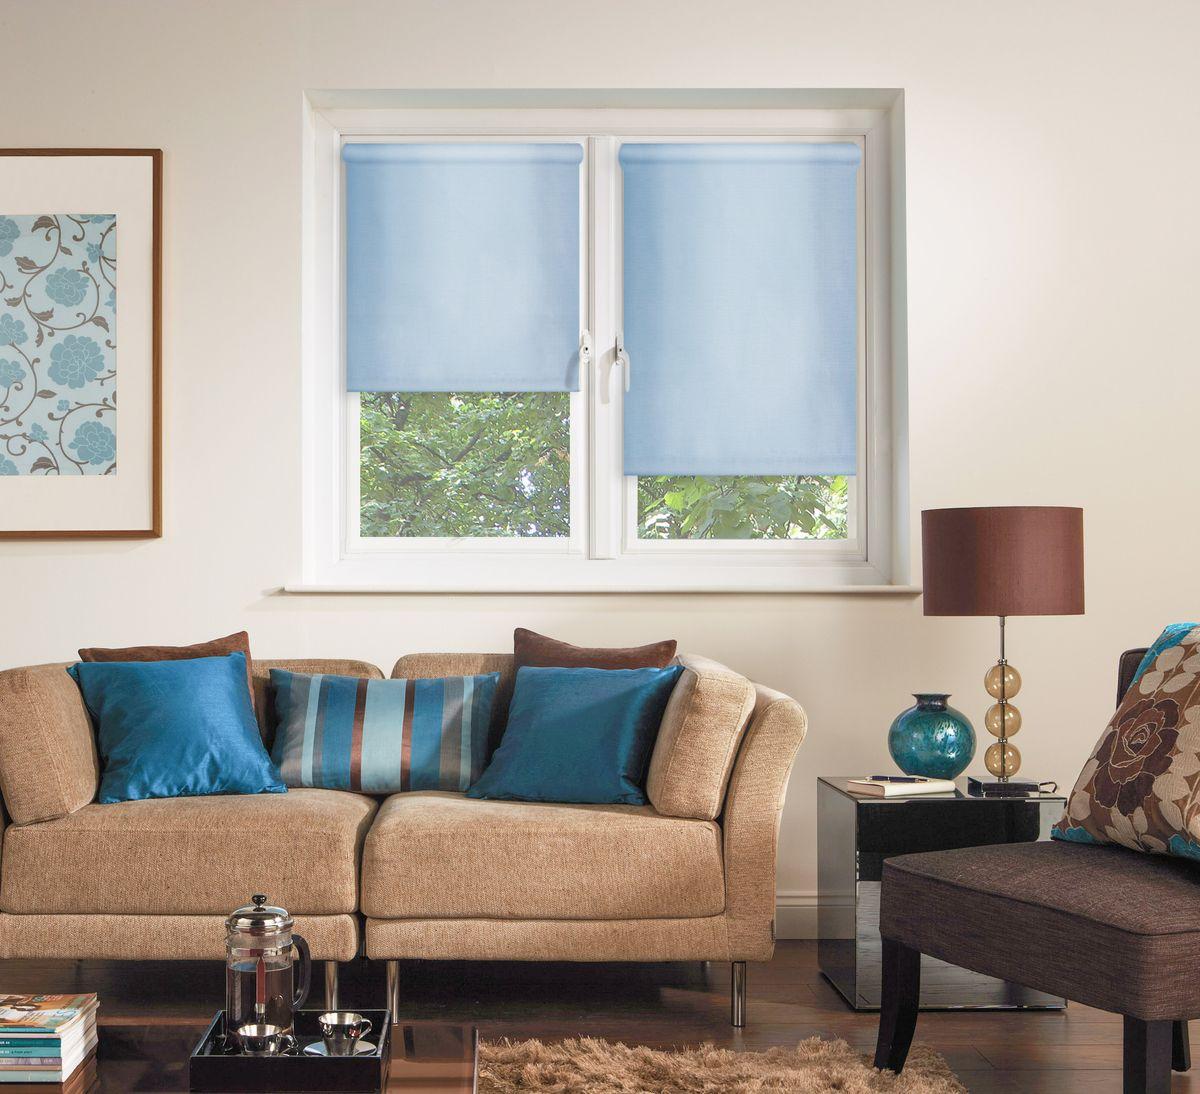 Штора рулонная Эскар Миниролло, цвет: голубой, ширина 52 см, высота 170 смS03301004Рулонная штора Эскар Миниролло выполнена из высокопрочной ткани, которая сохраняет свой размер даже при намокании. Ткань не выцветает и обладает отличной цветоустойчивостью.Миниролло - это подвид рулонных штор, который закрывает не весь оконный проем, а непосредственно само стекло. Такие шторы крепятся на раму без сверления при помощи зажимов или клейкой двухсторонней ленты (в комплекте). Окно остается на гарантии, благодаря монтажу без сверления. Такая штора станет прекрасным элементом декора окна и гармонично впишется в интерьер любого помещения.